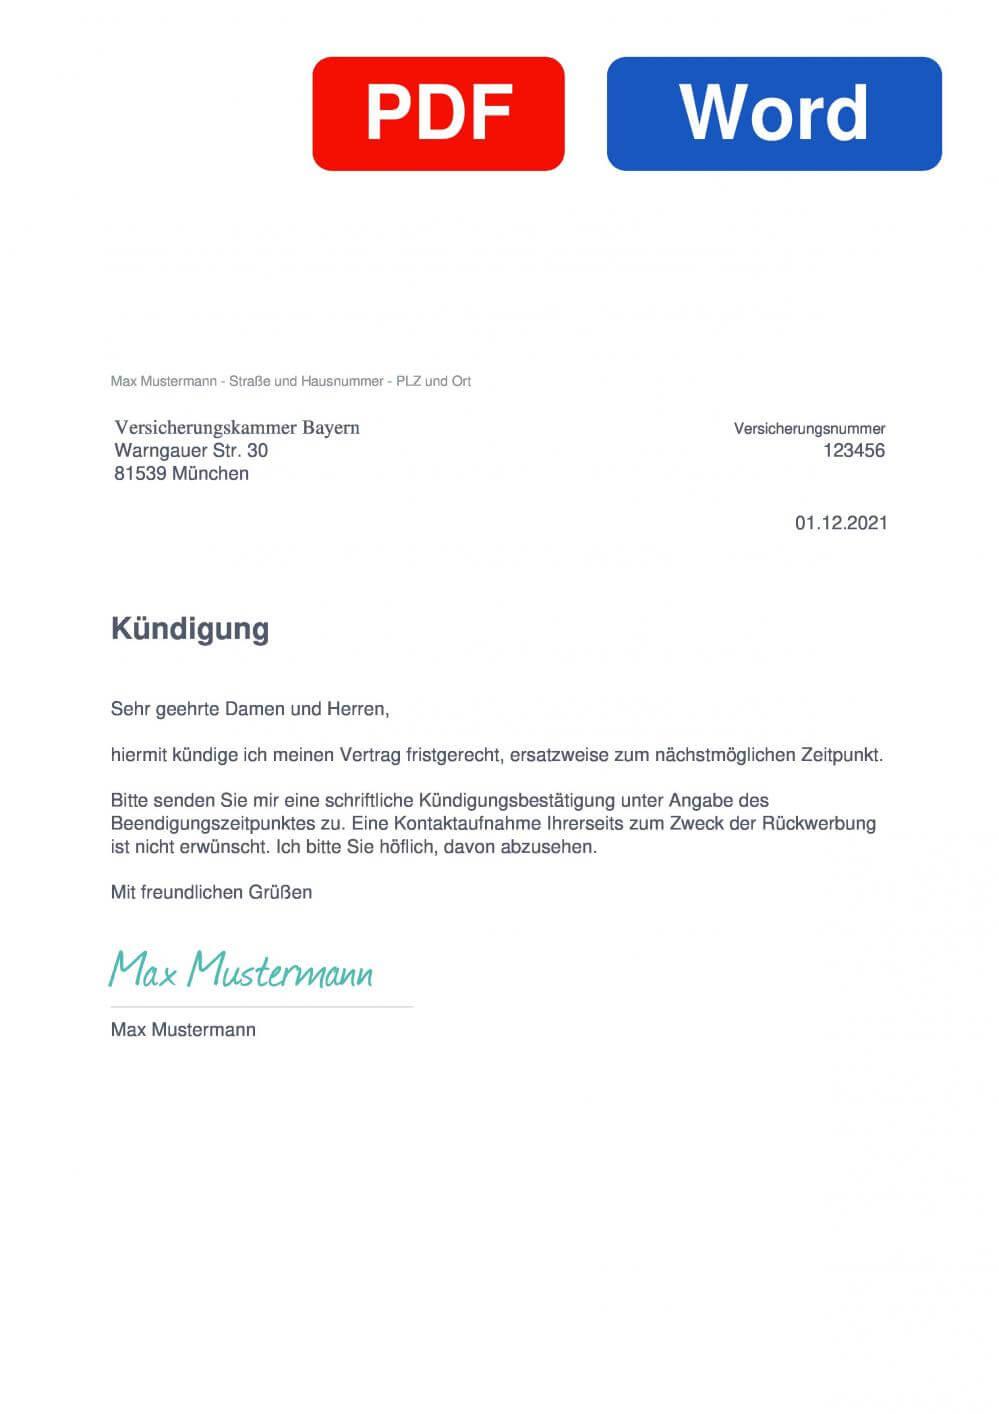 Bayern Versicherung Muster Vorlage für Kündigungsschreiben